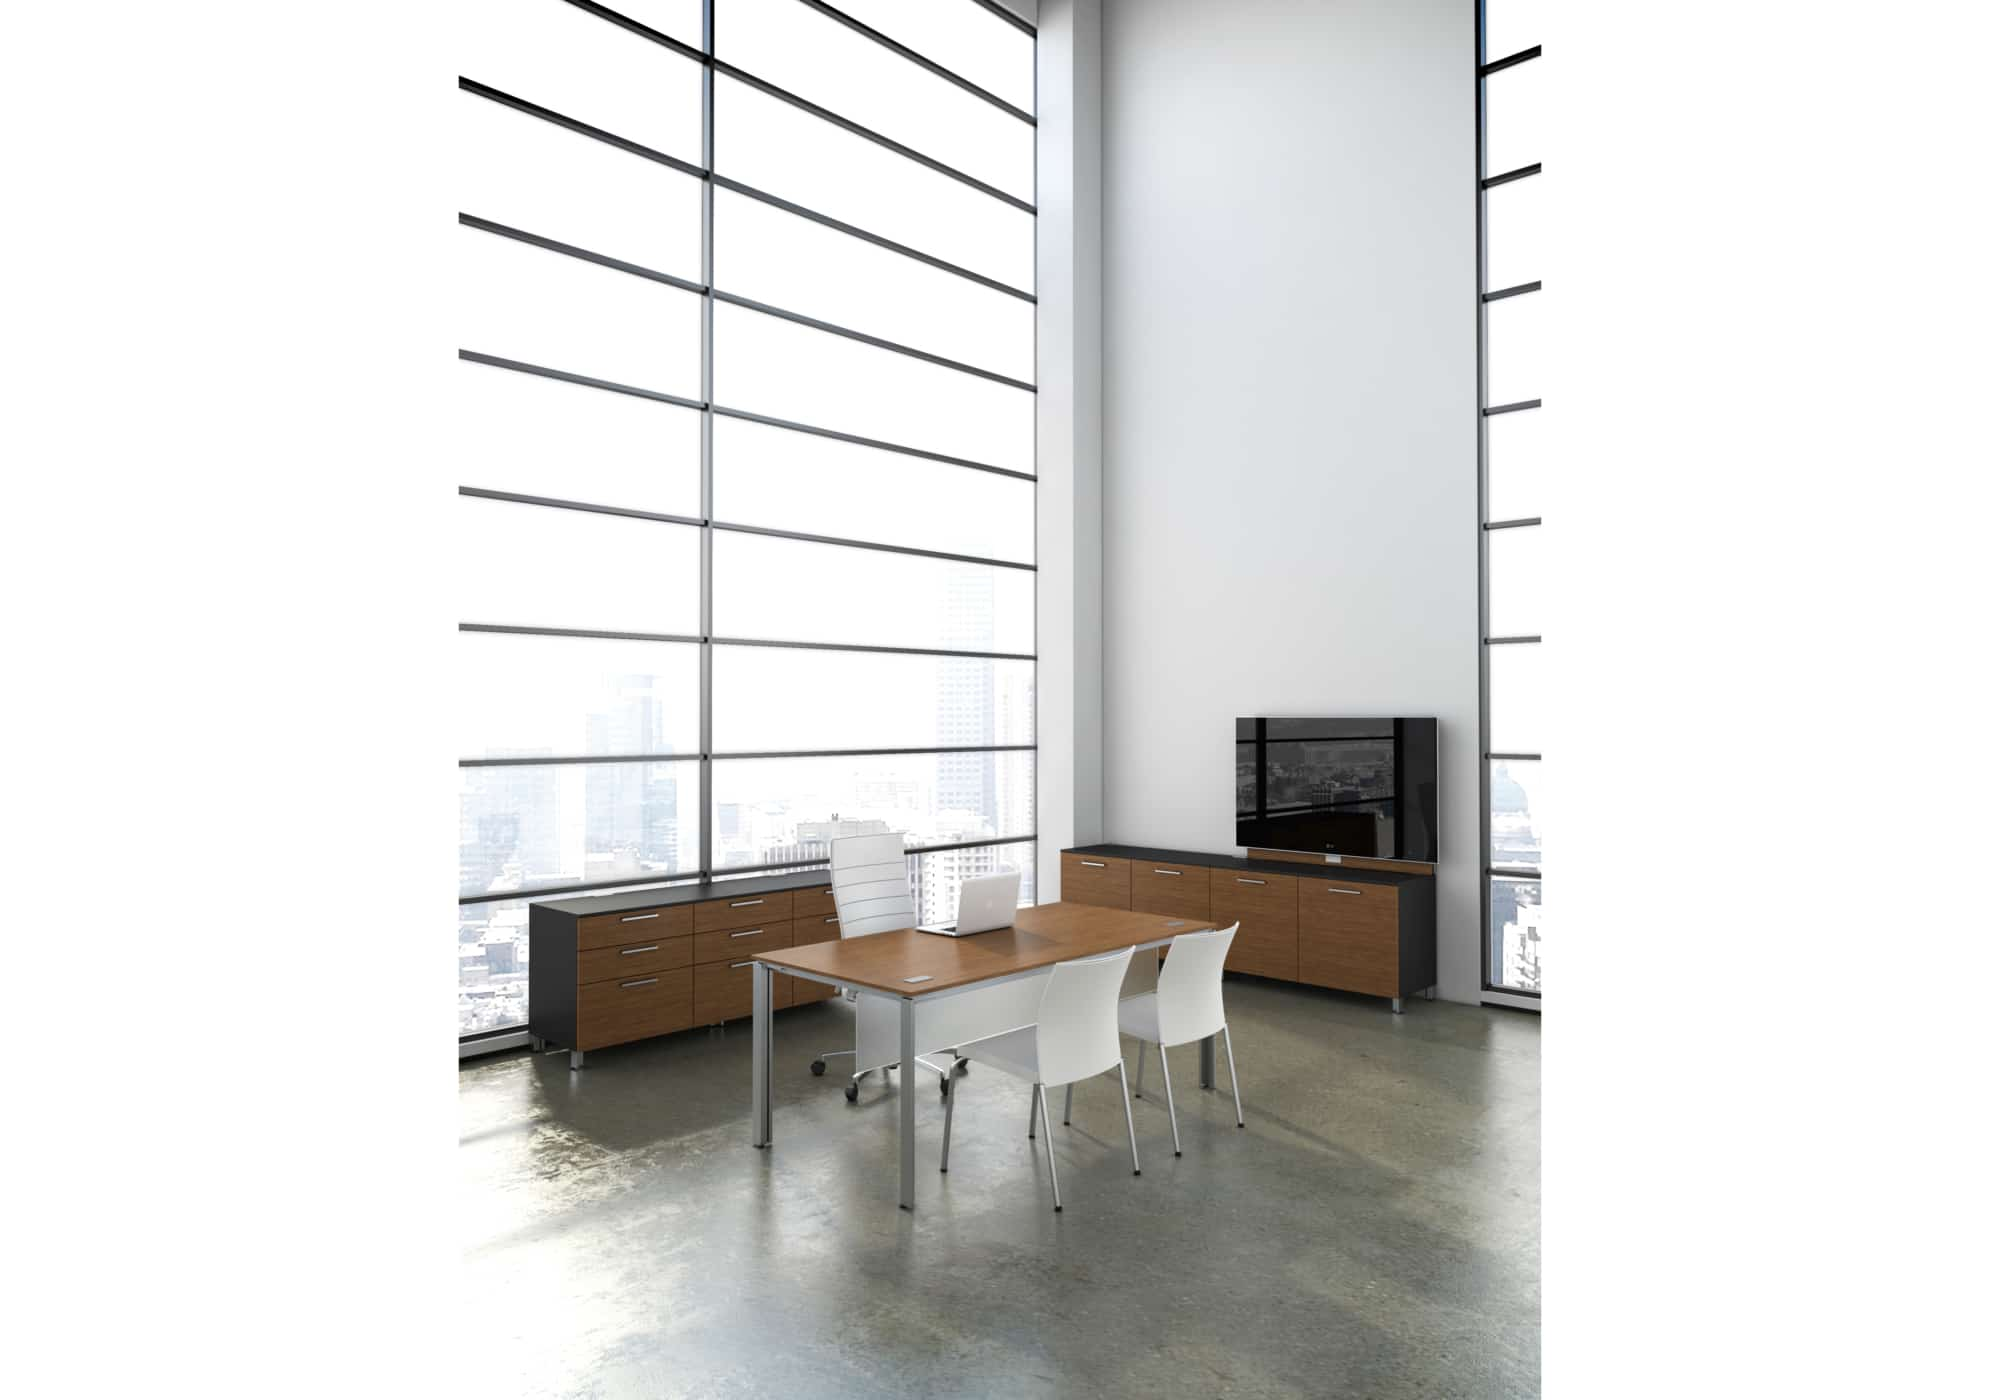 rouillard executive office suite